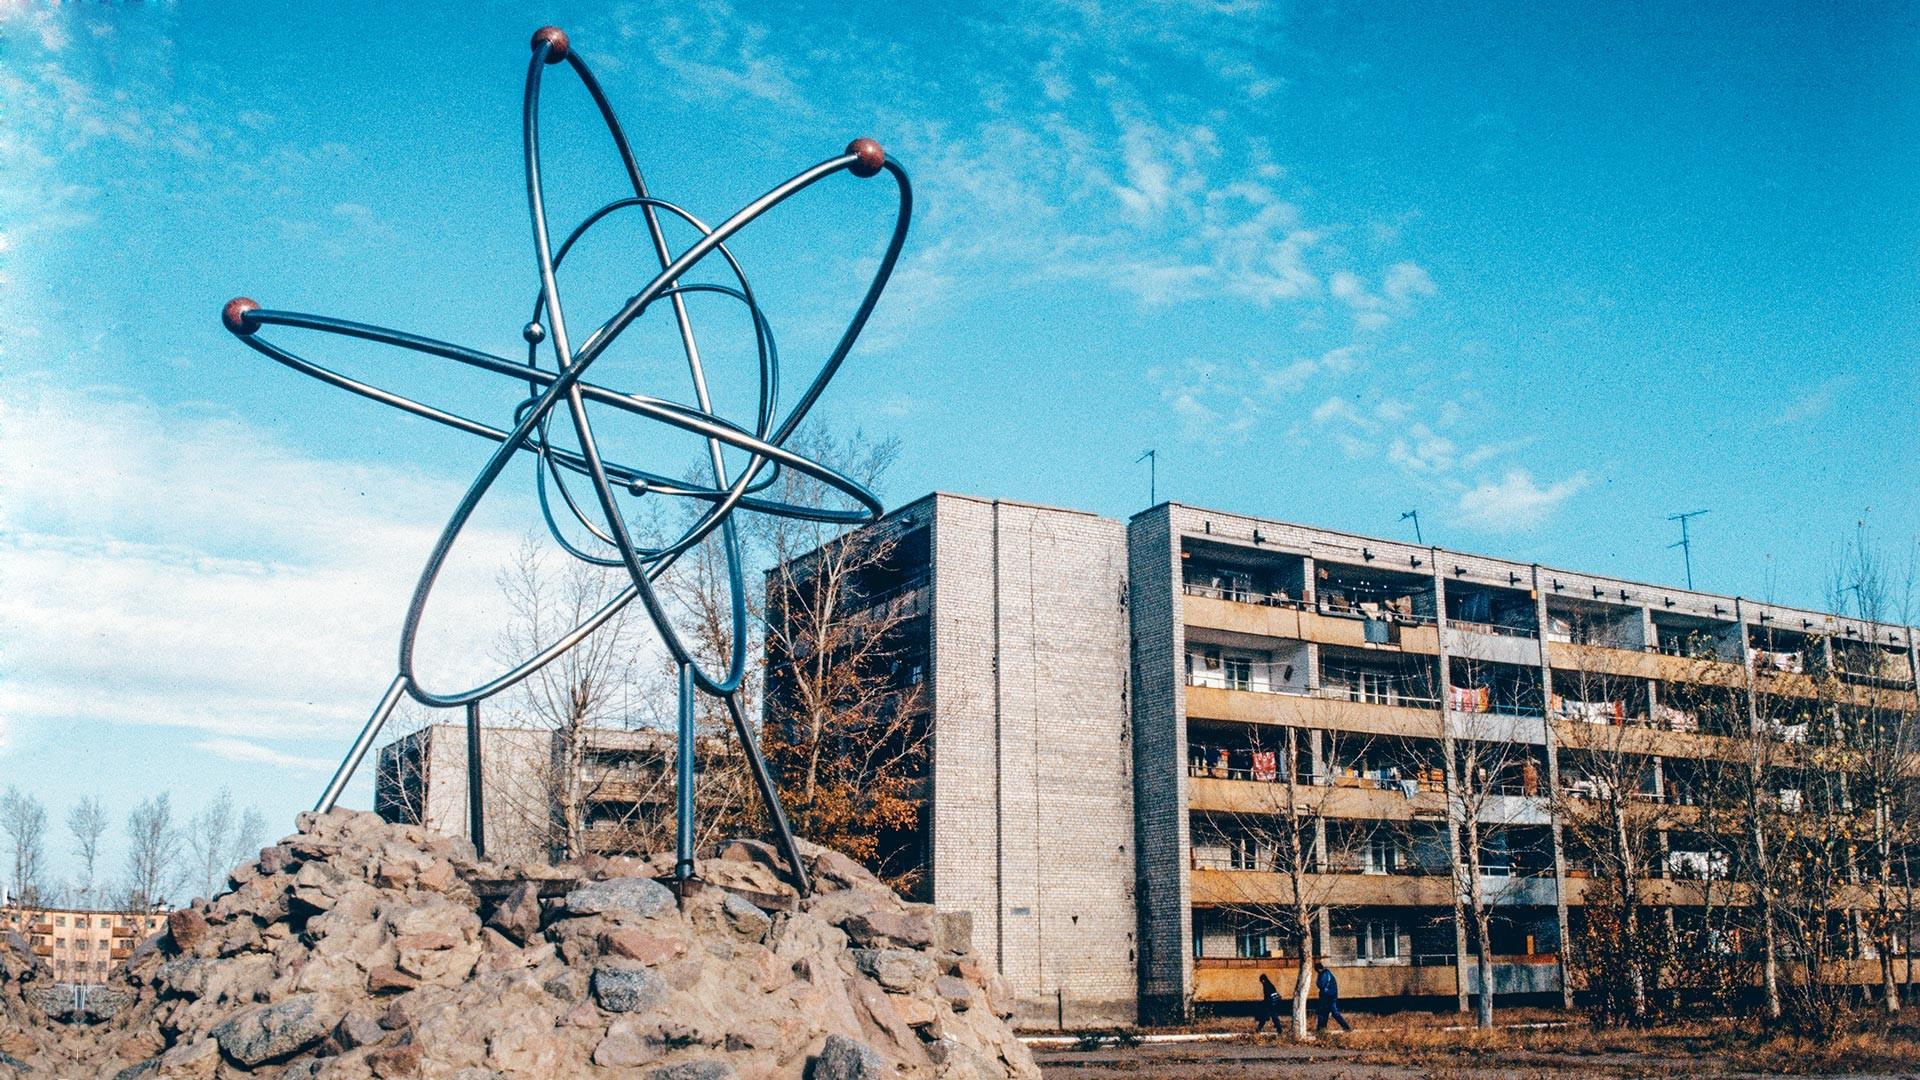 セミパラチンスク核実験場に隣接した核実験におけるかつての中心都市であったクルチャトフ市